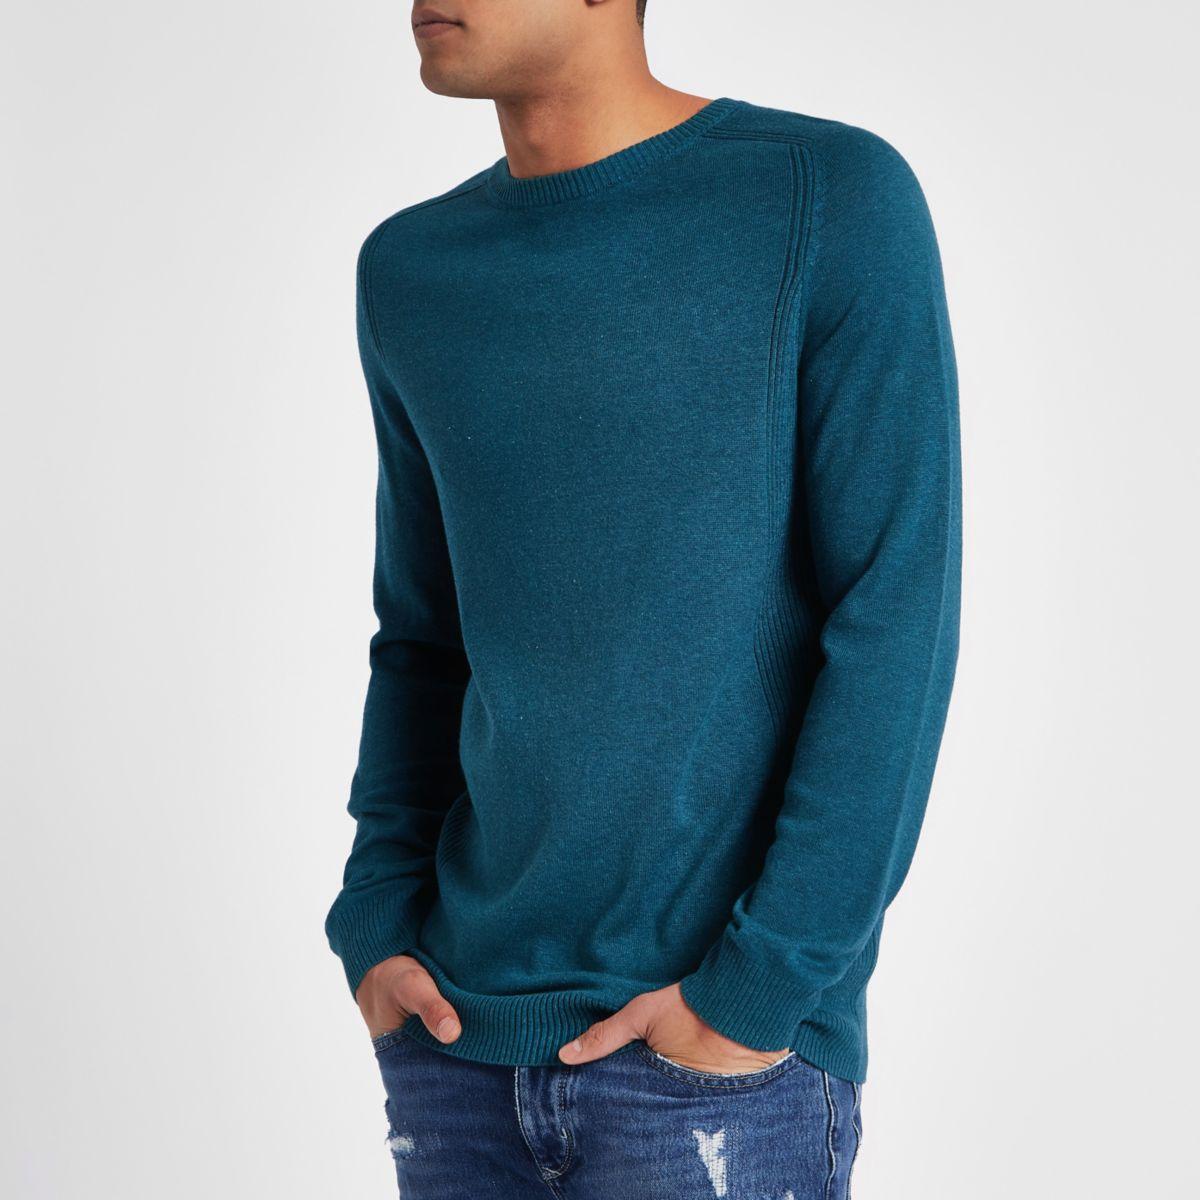 Pull slim turquoise à empiècements côtelés